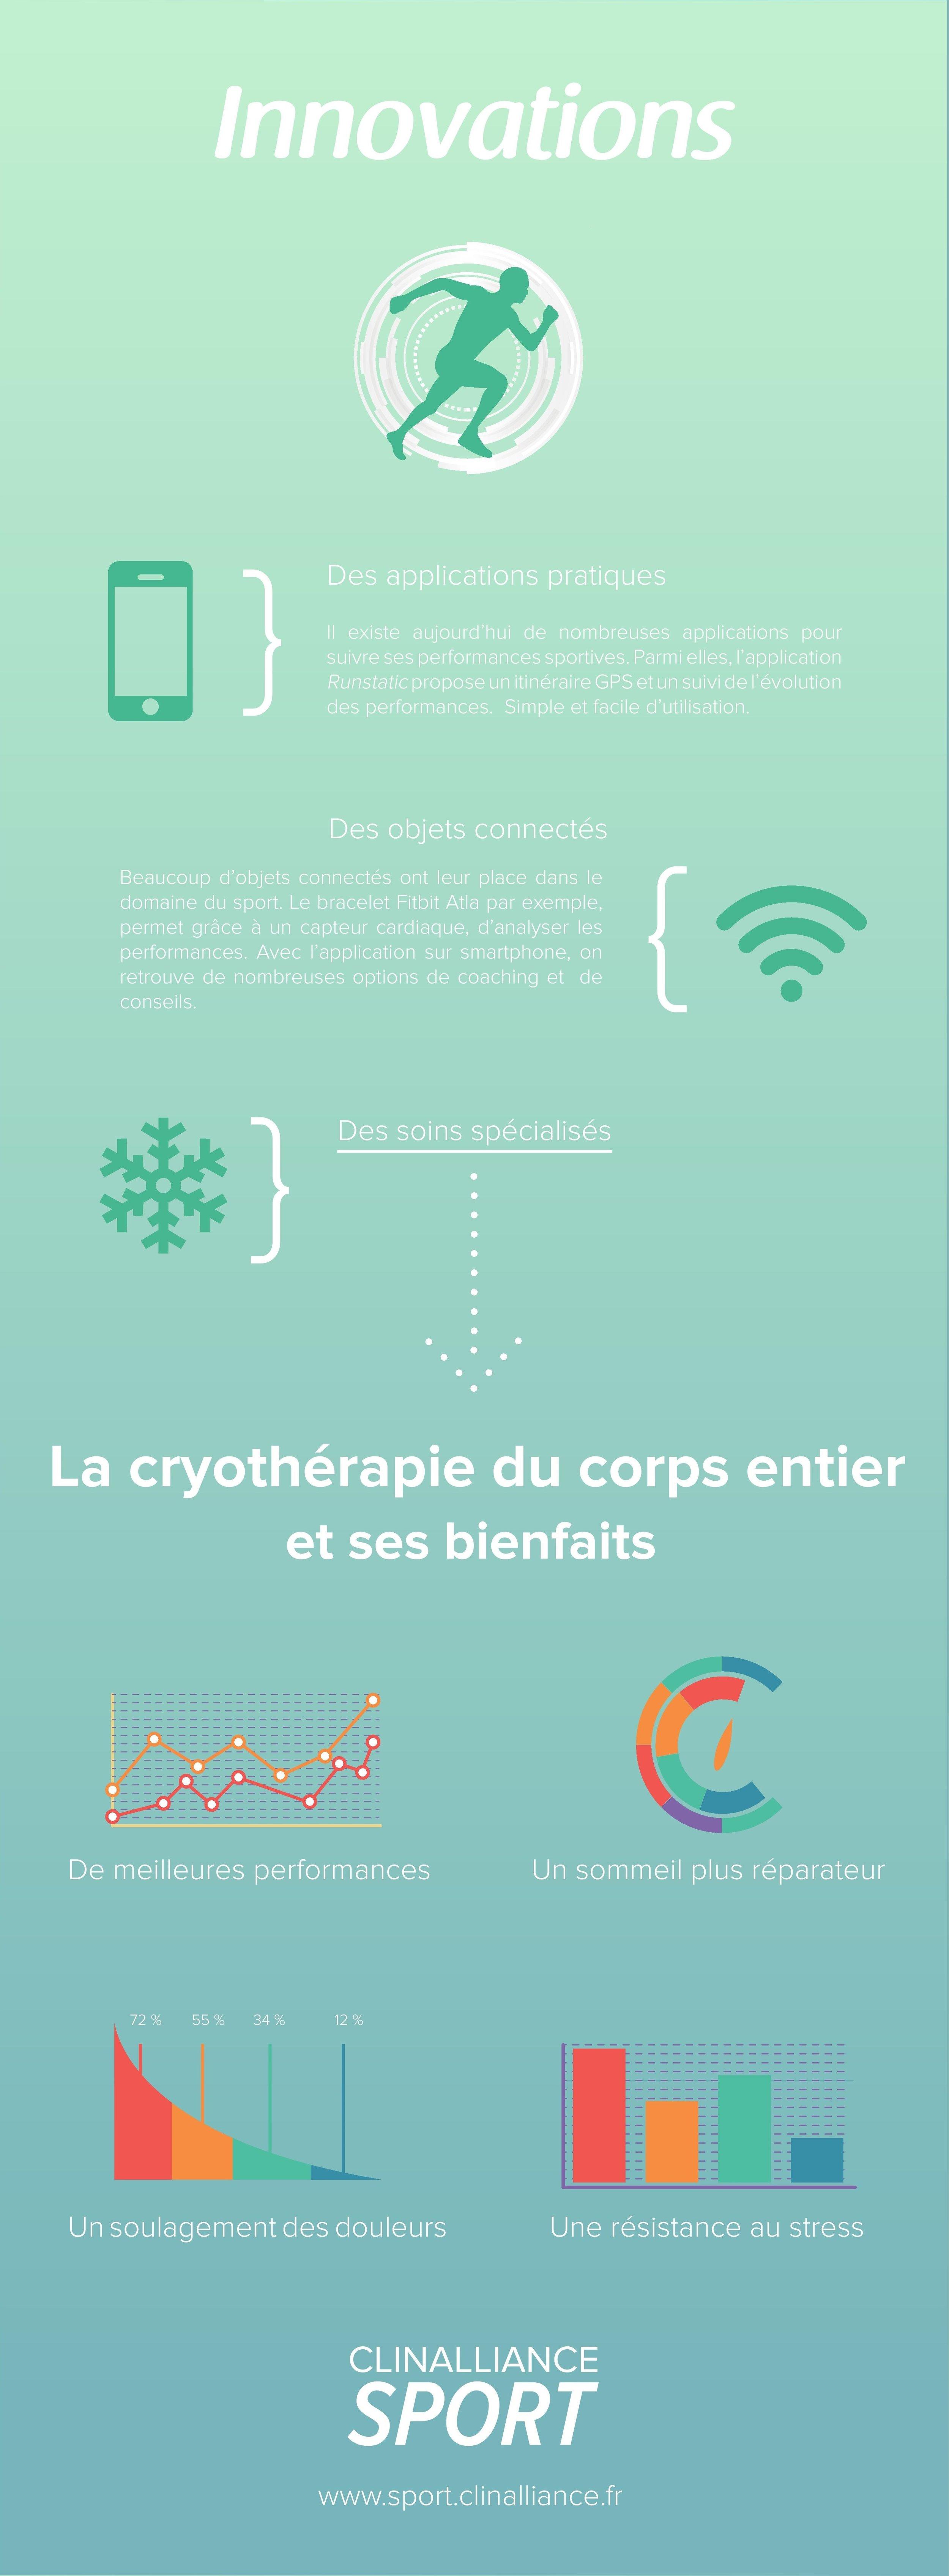 infographie-clinalliance-sport-courses-île-de-france partie 3.jpg